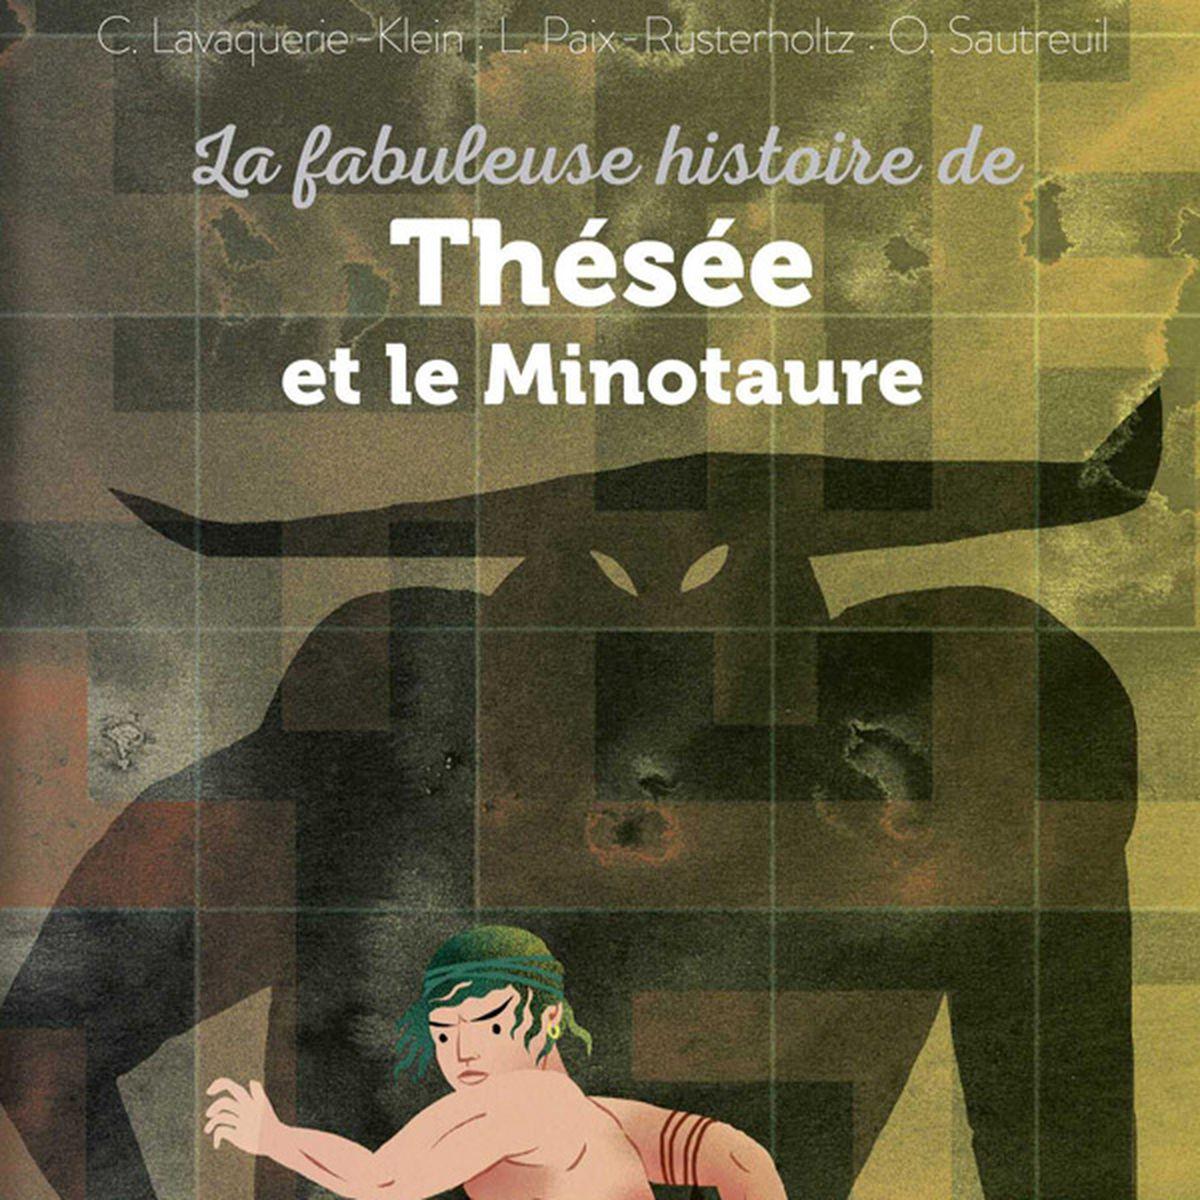 La fabuleuse histoire de Thésée et le minotaure  